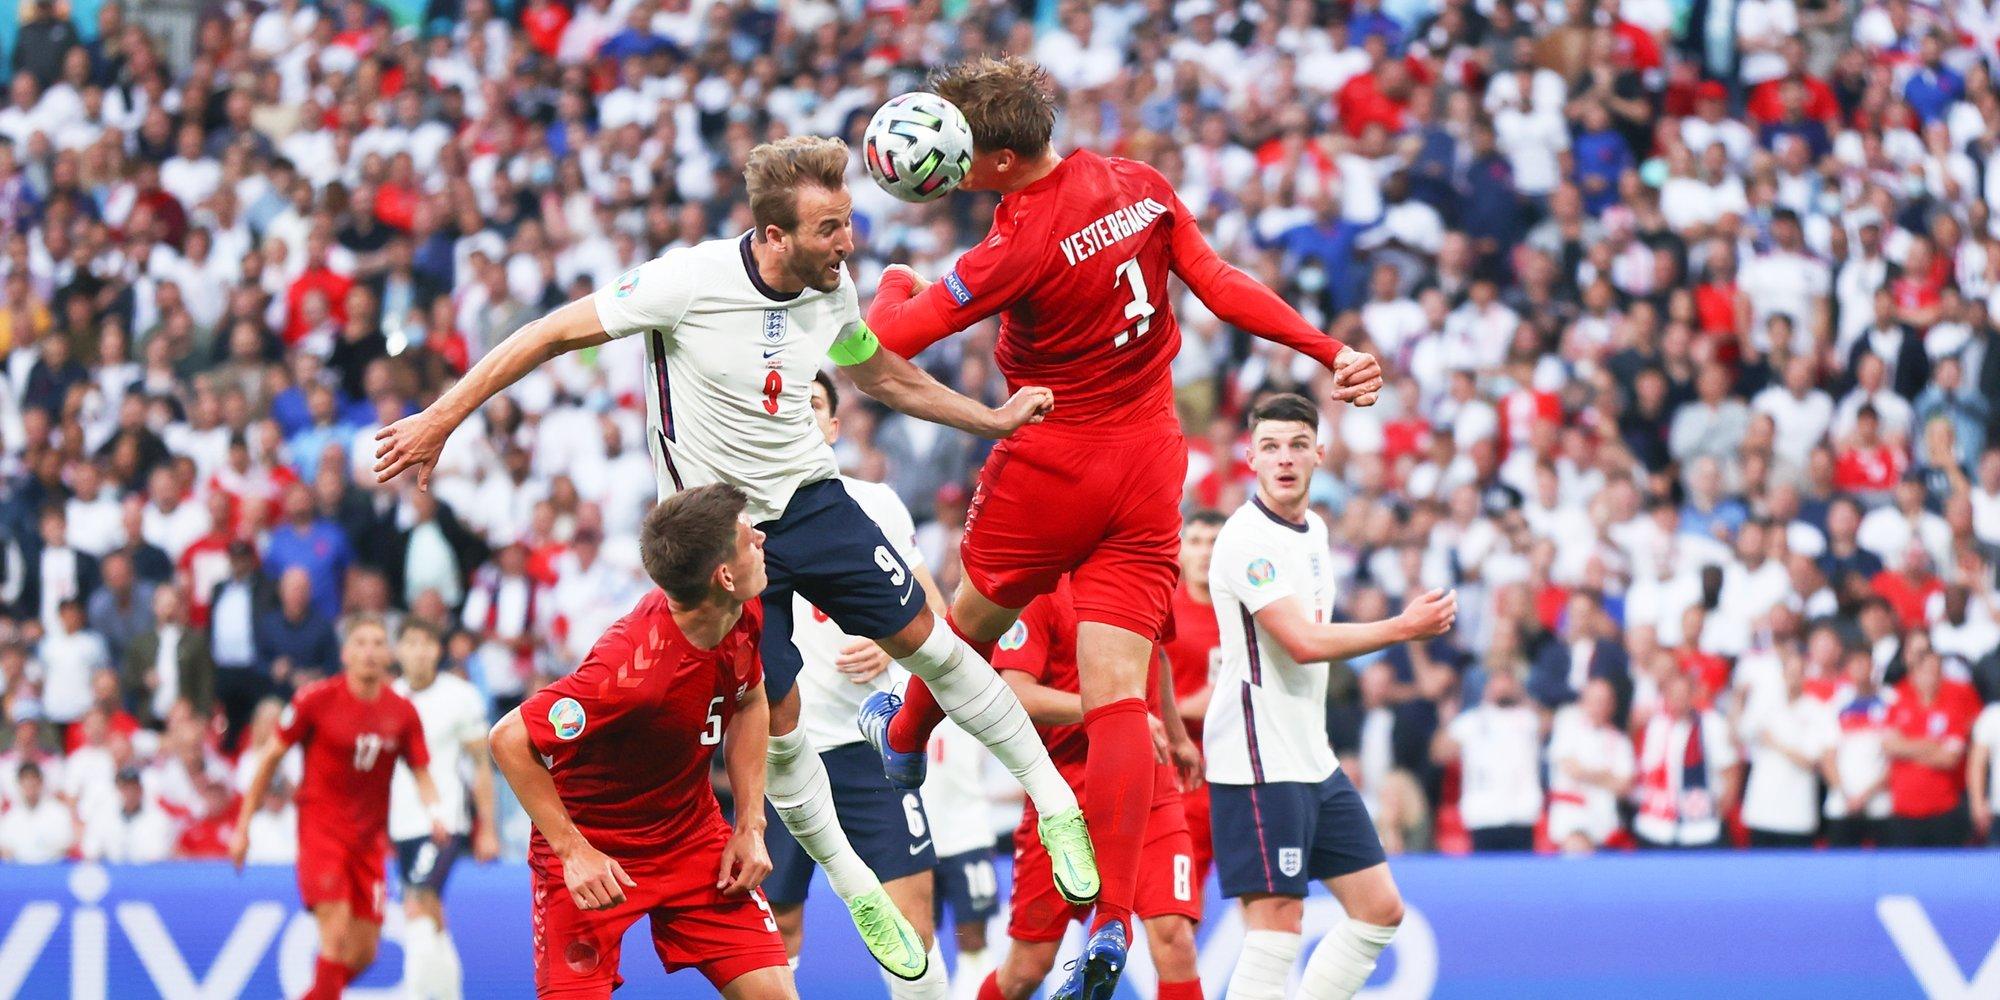 Англия обыграла Данию и вышла в финал